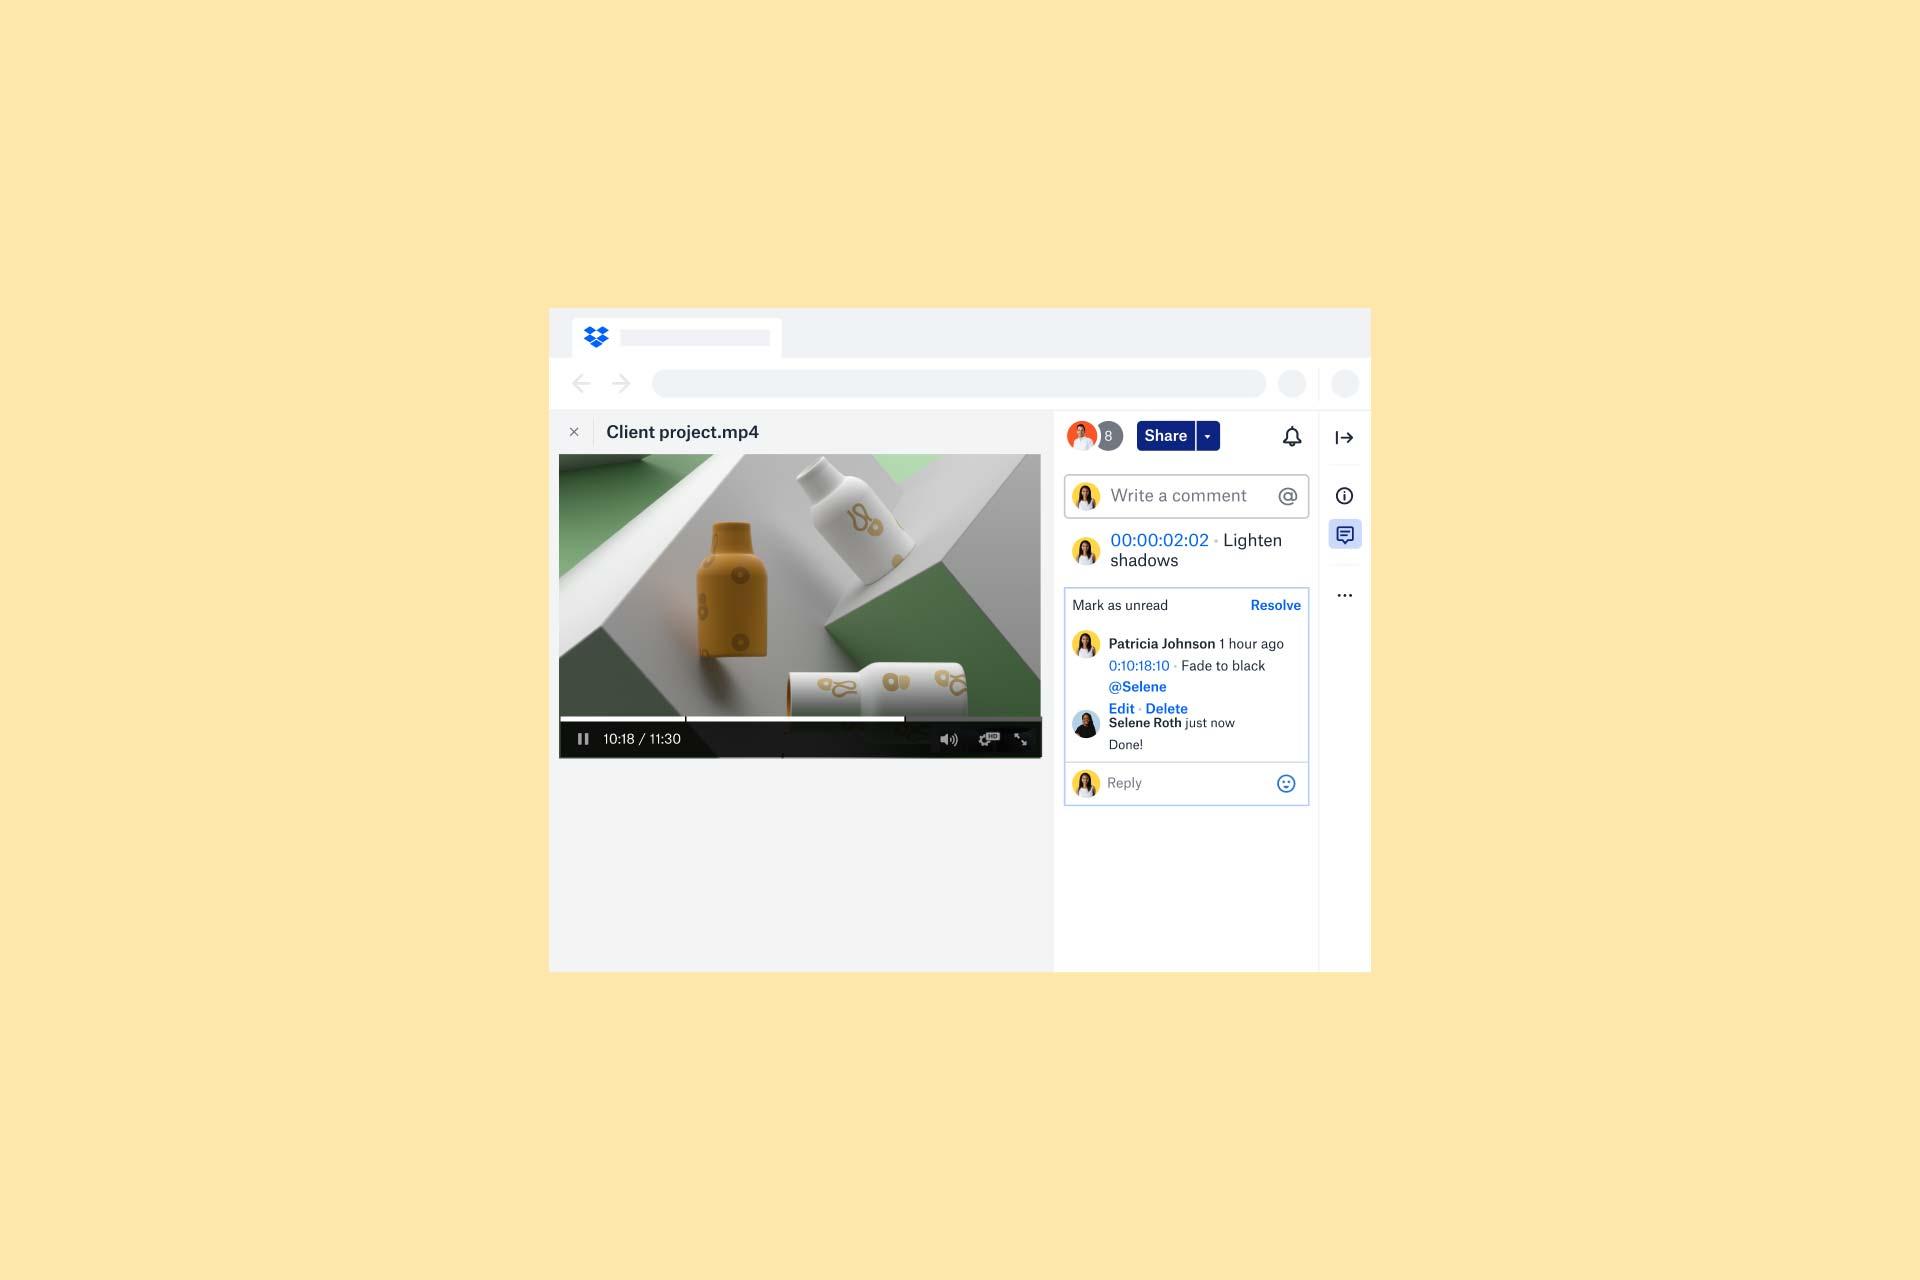 Commentaires collaboratifs sur une image d'une vidéo